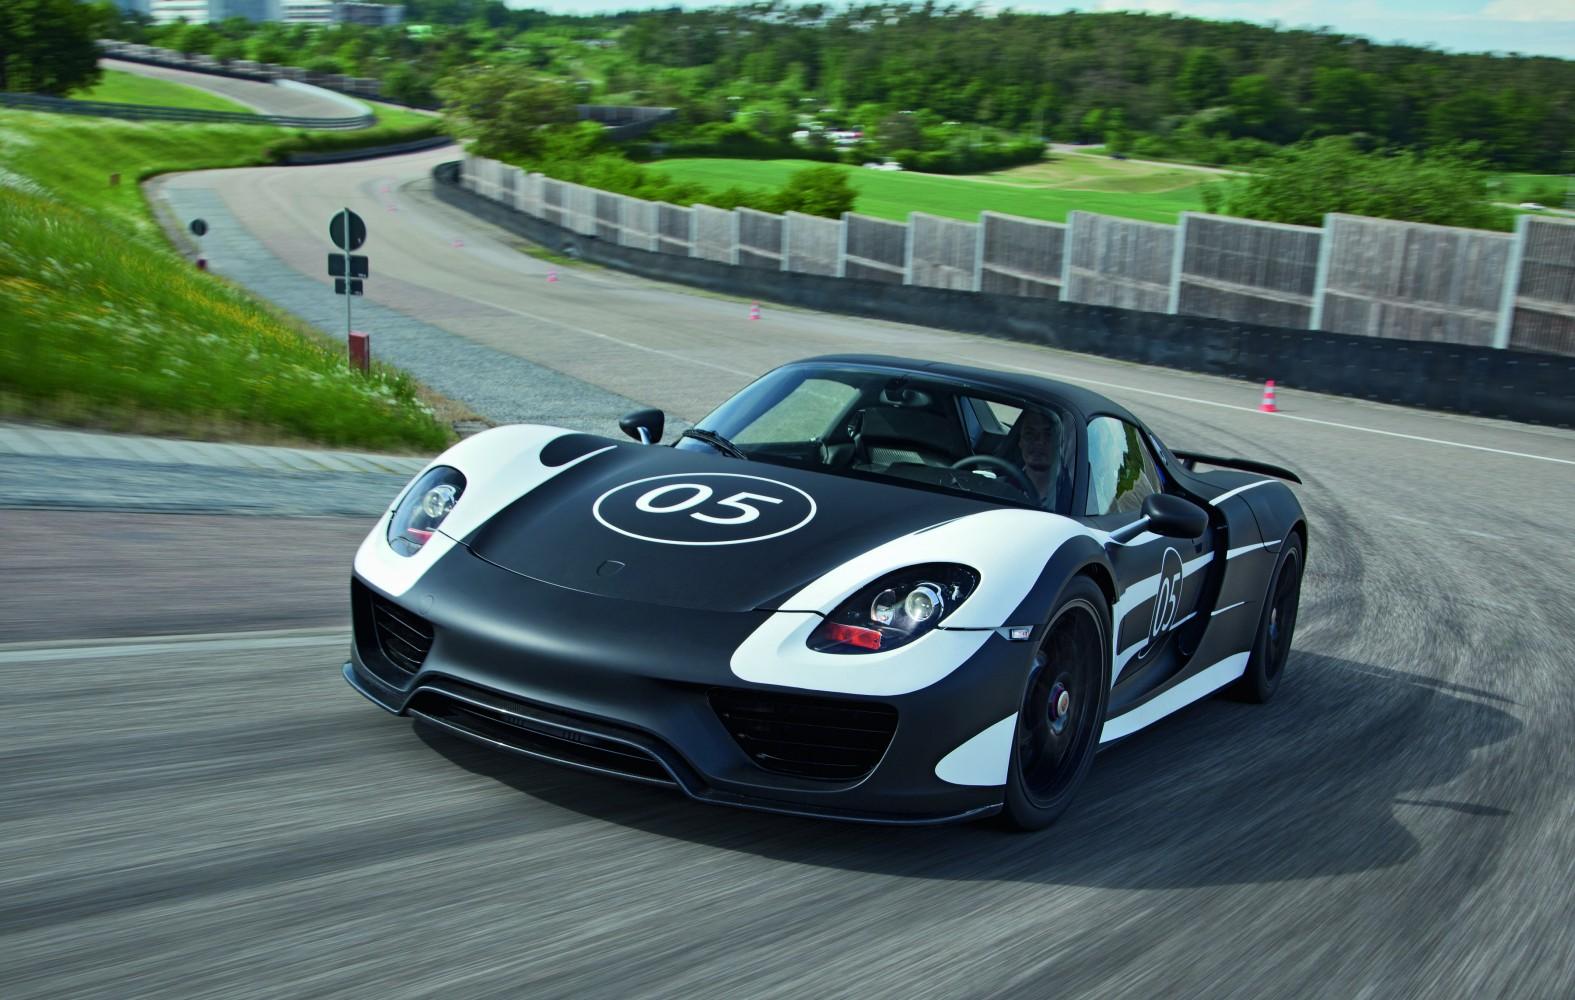 Porsche 918 Spyder in Erprobung